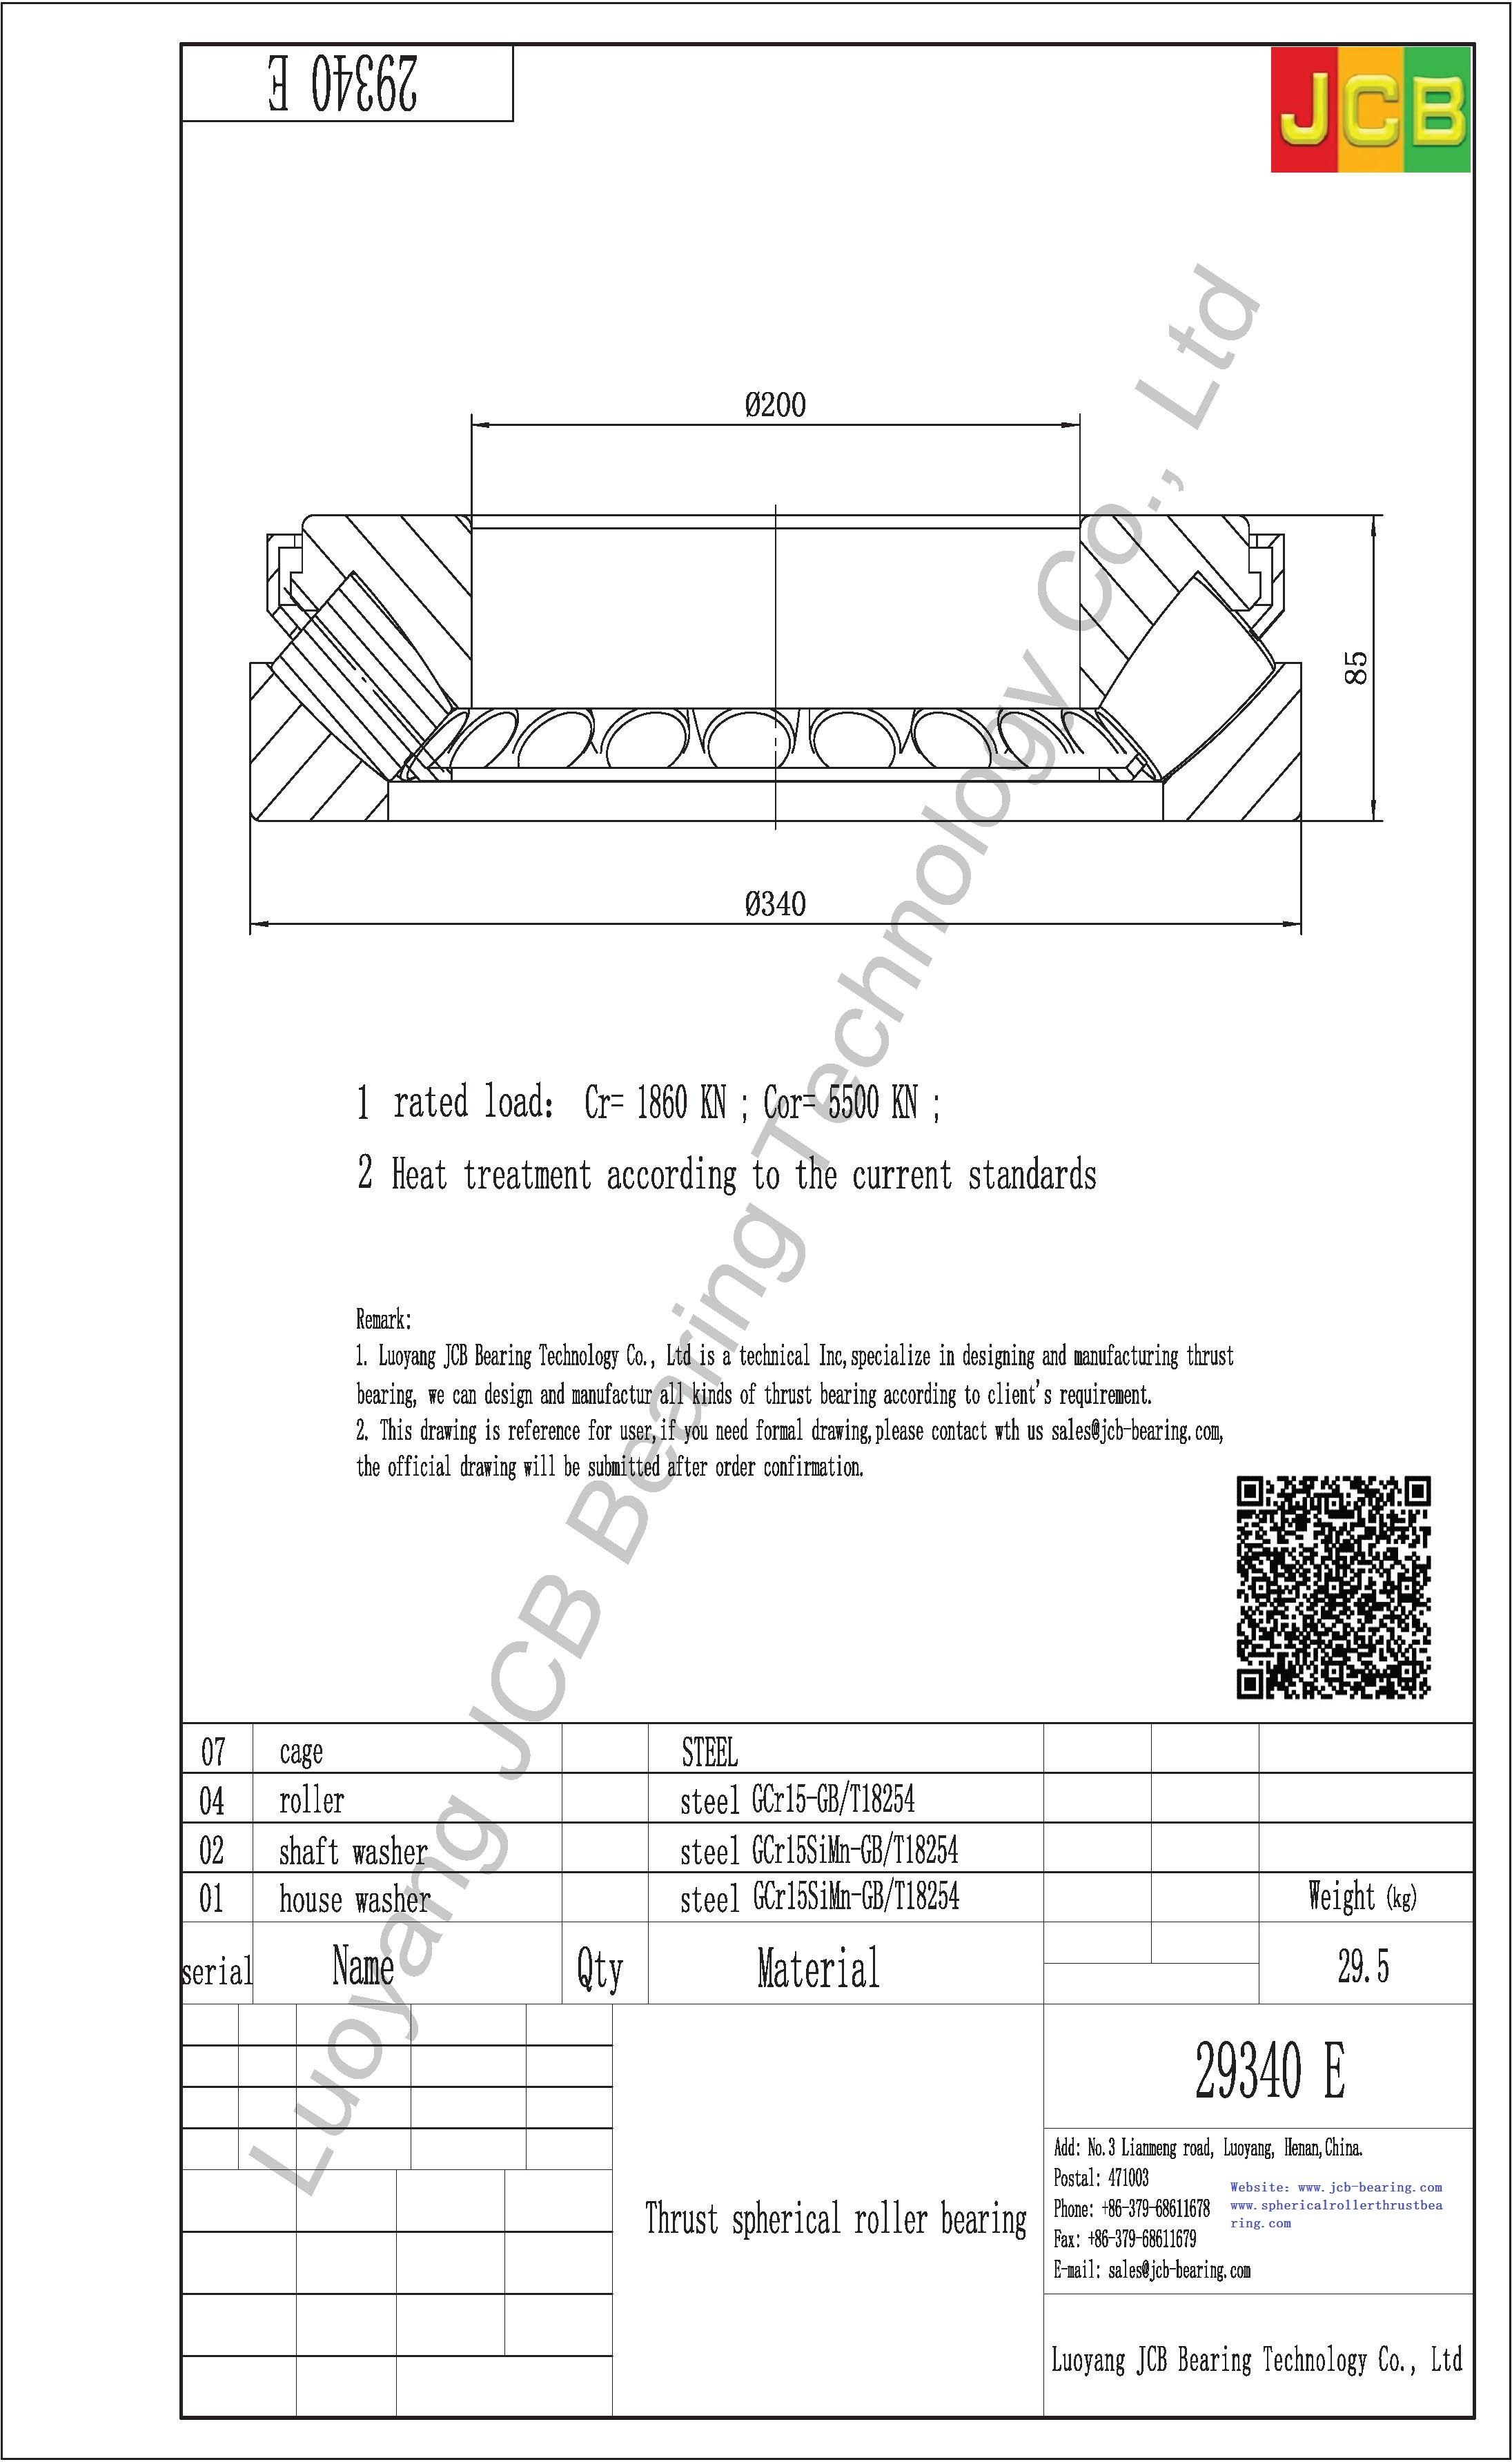 29340 E spherical roller thrust bearing